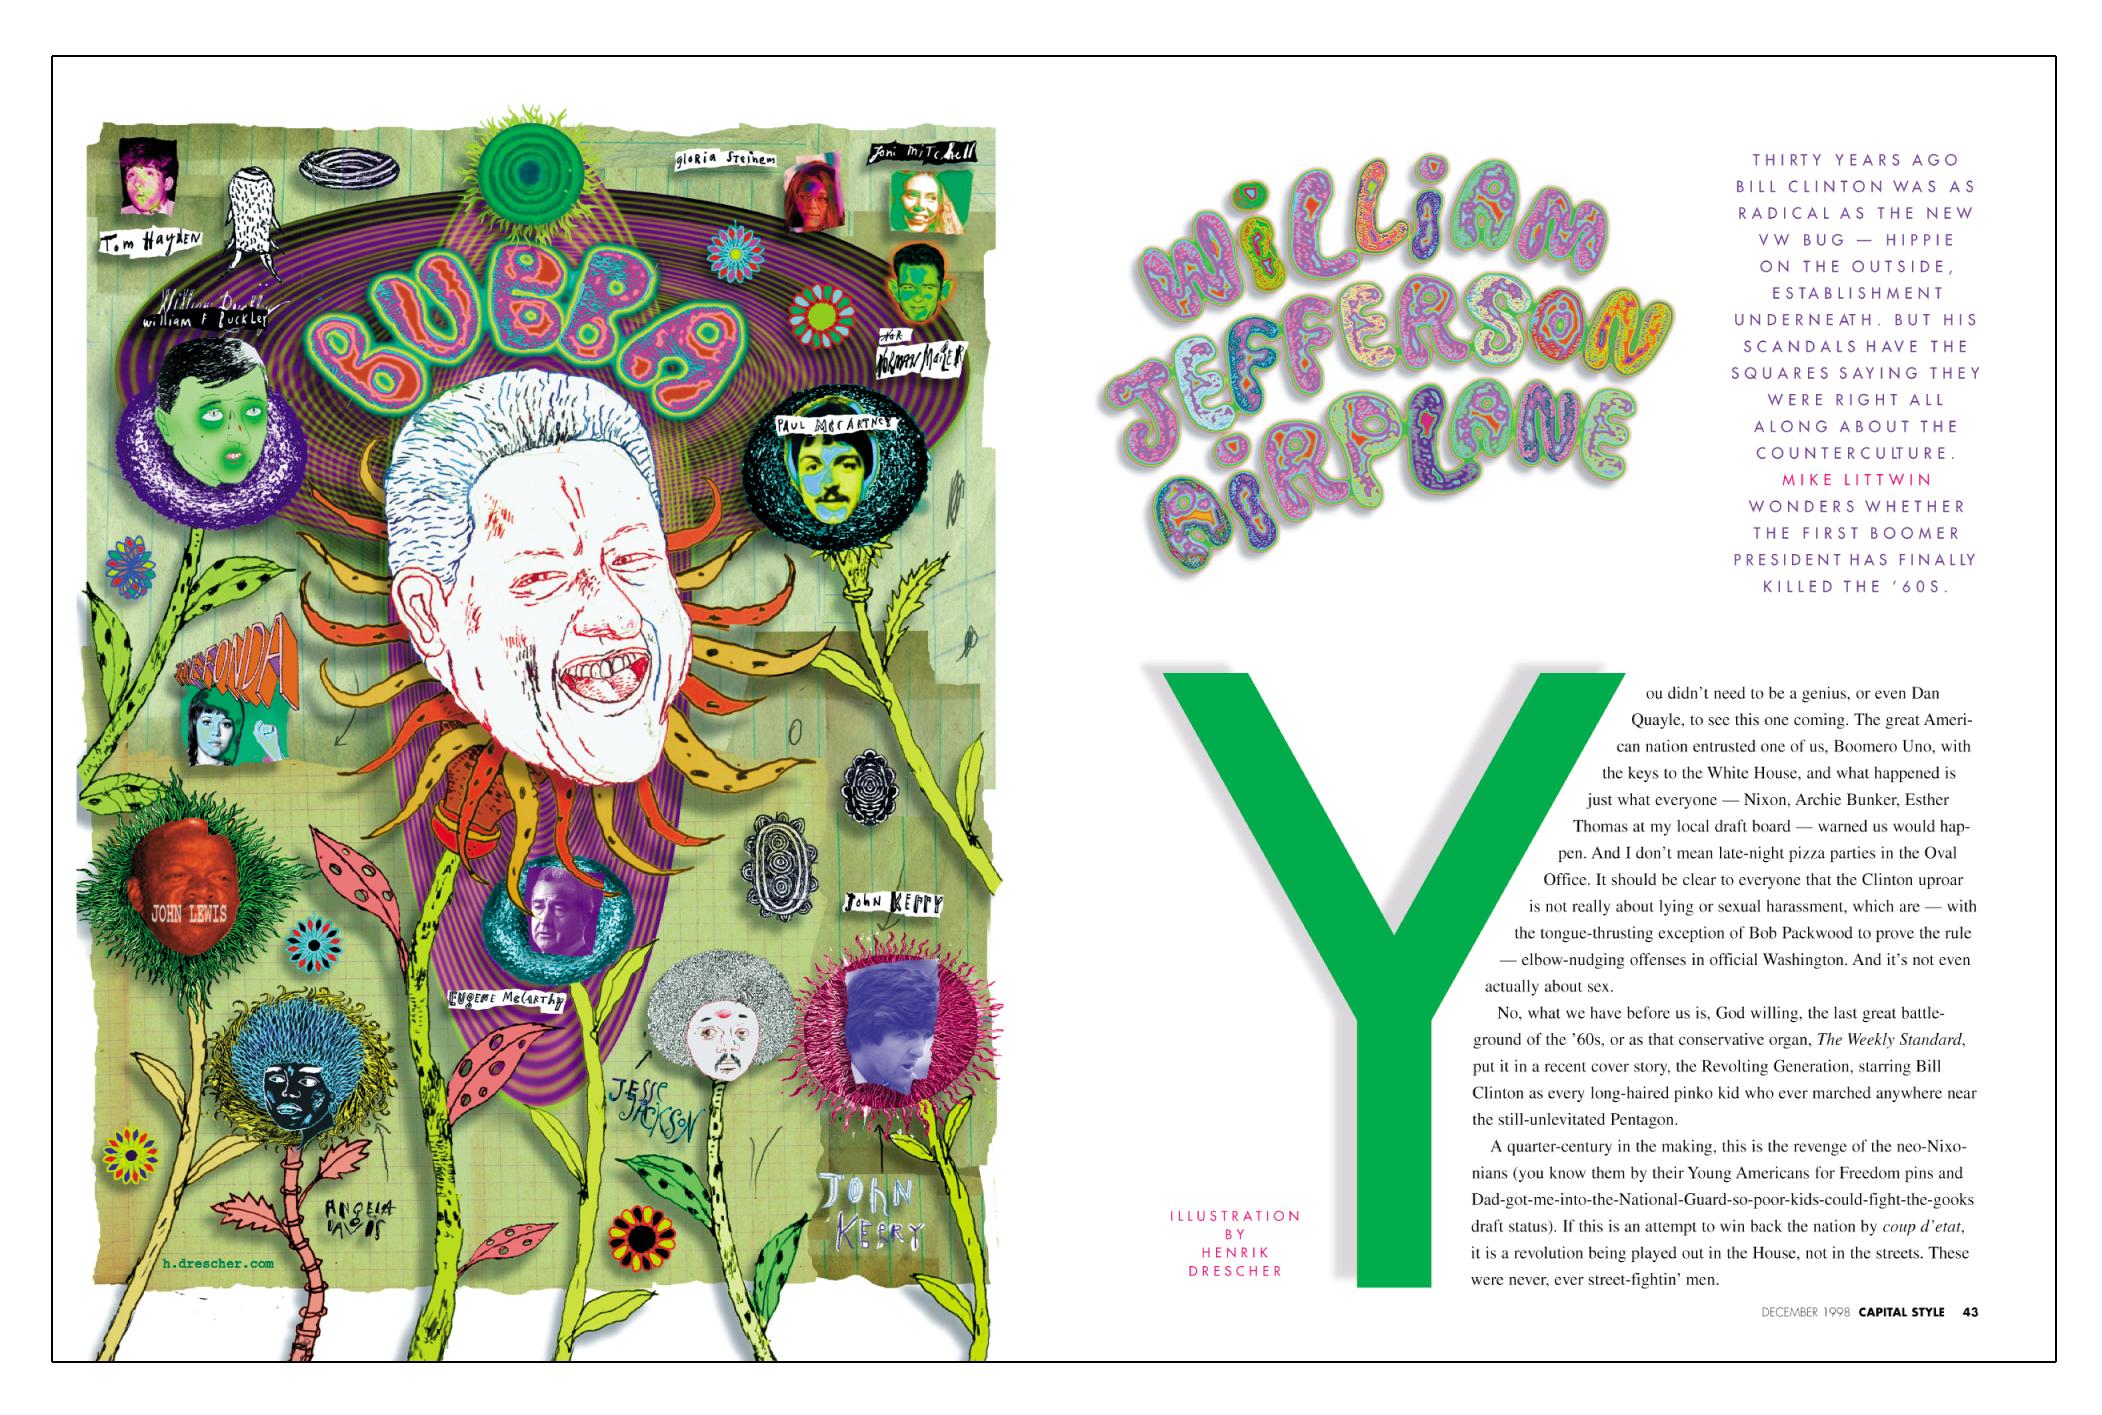 Capital Style Magazine